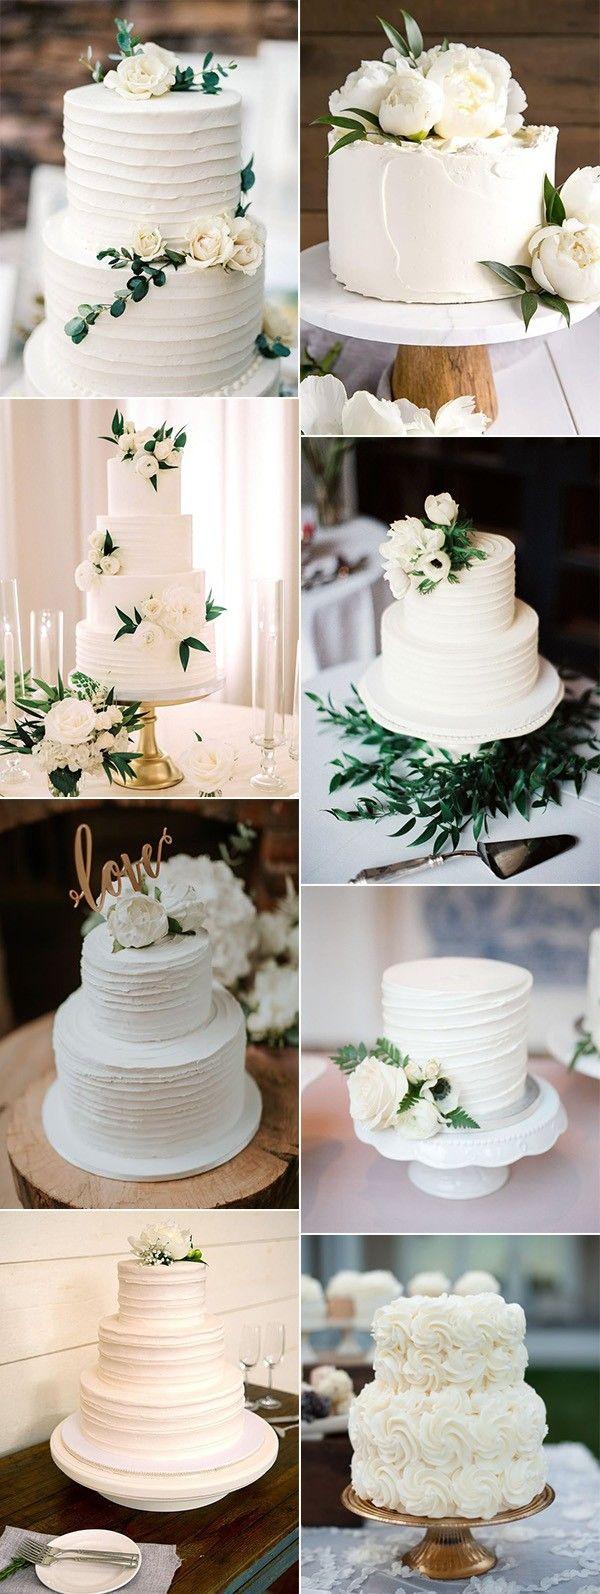 einfache elegante weiße und grüne Hochzeitstorten für Frühlingssommer 2019   – wedding